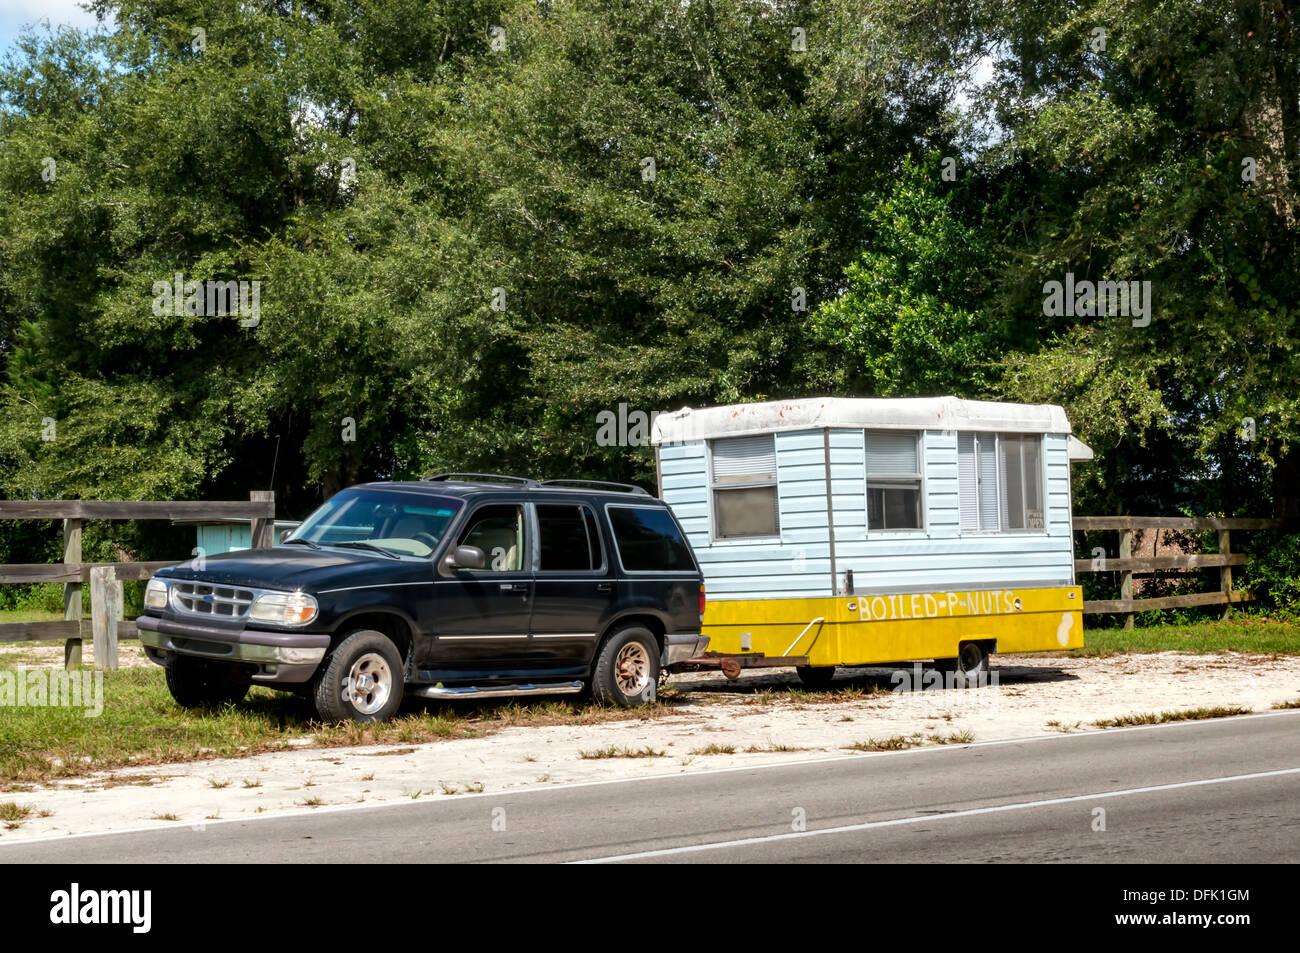 Black Suv Towing Small Trailer A Roadside Boiled Peanut Vendor In